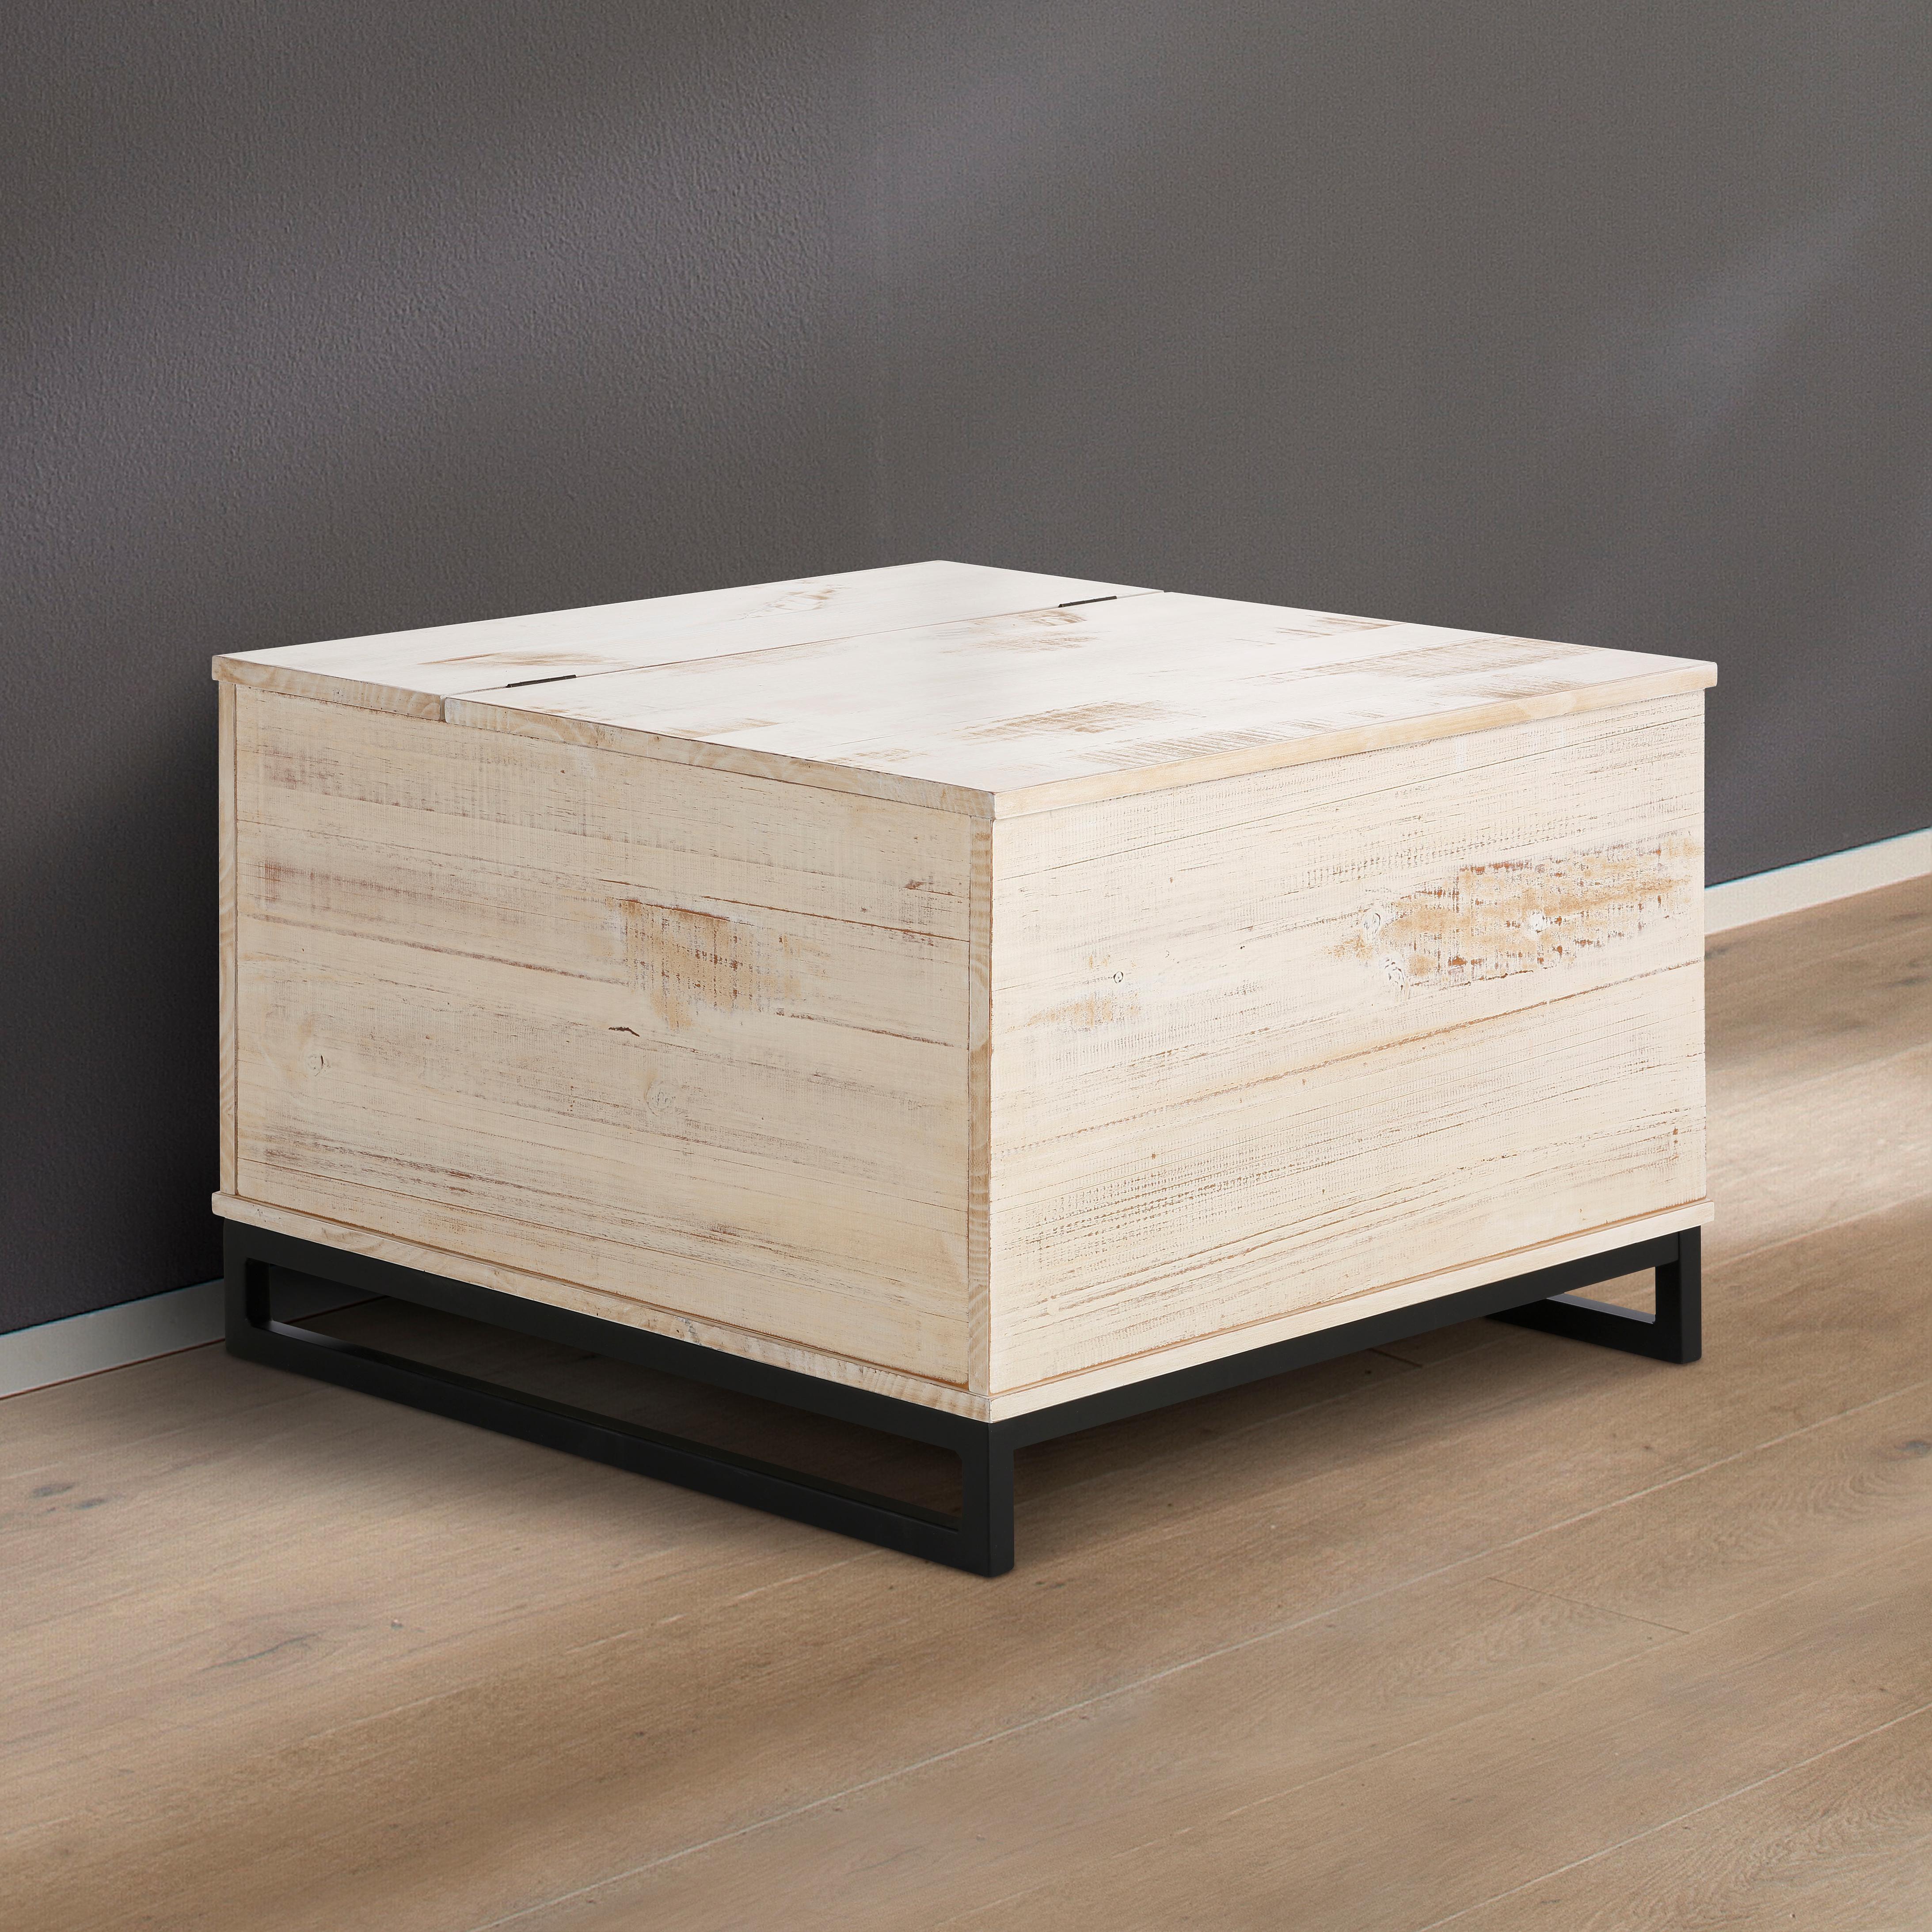 Home affaire Truhentisch »Santo«, Breite 75 cm.   Wohnzimmer > Tische > Truhentische   Braun   HOME AFFAIRE